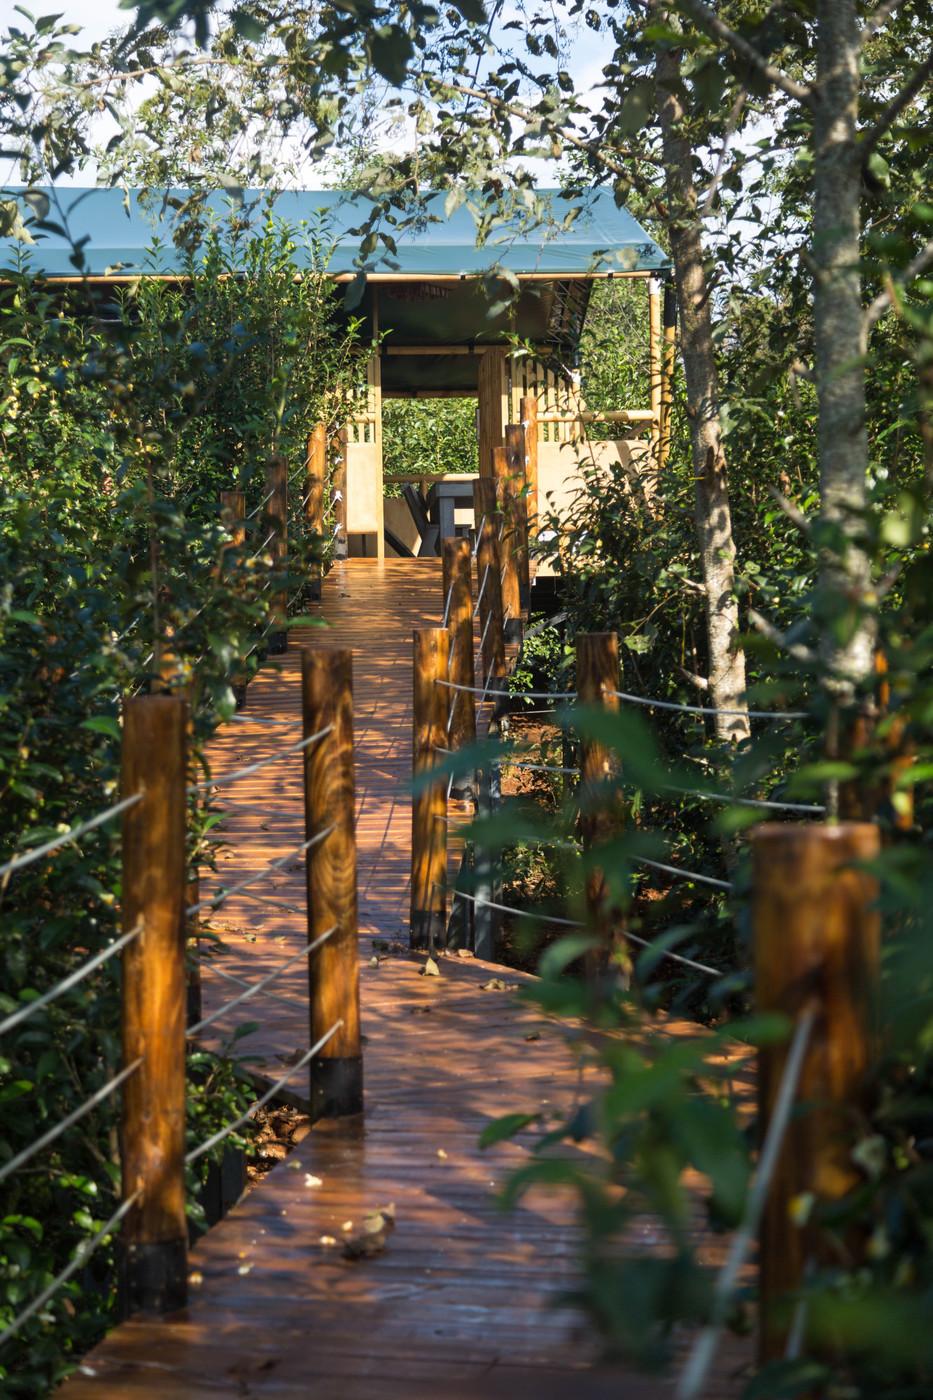 喜马拉雅野奢帐篷酒店—云南腾冲高黎贡山茶博园19